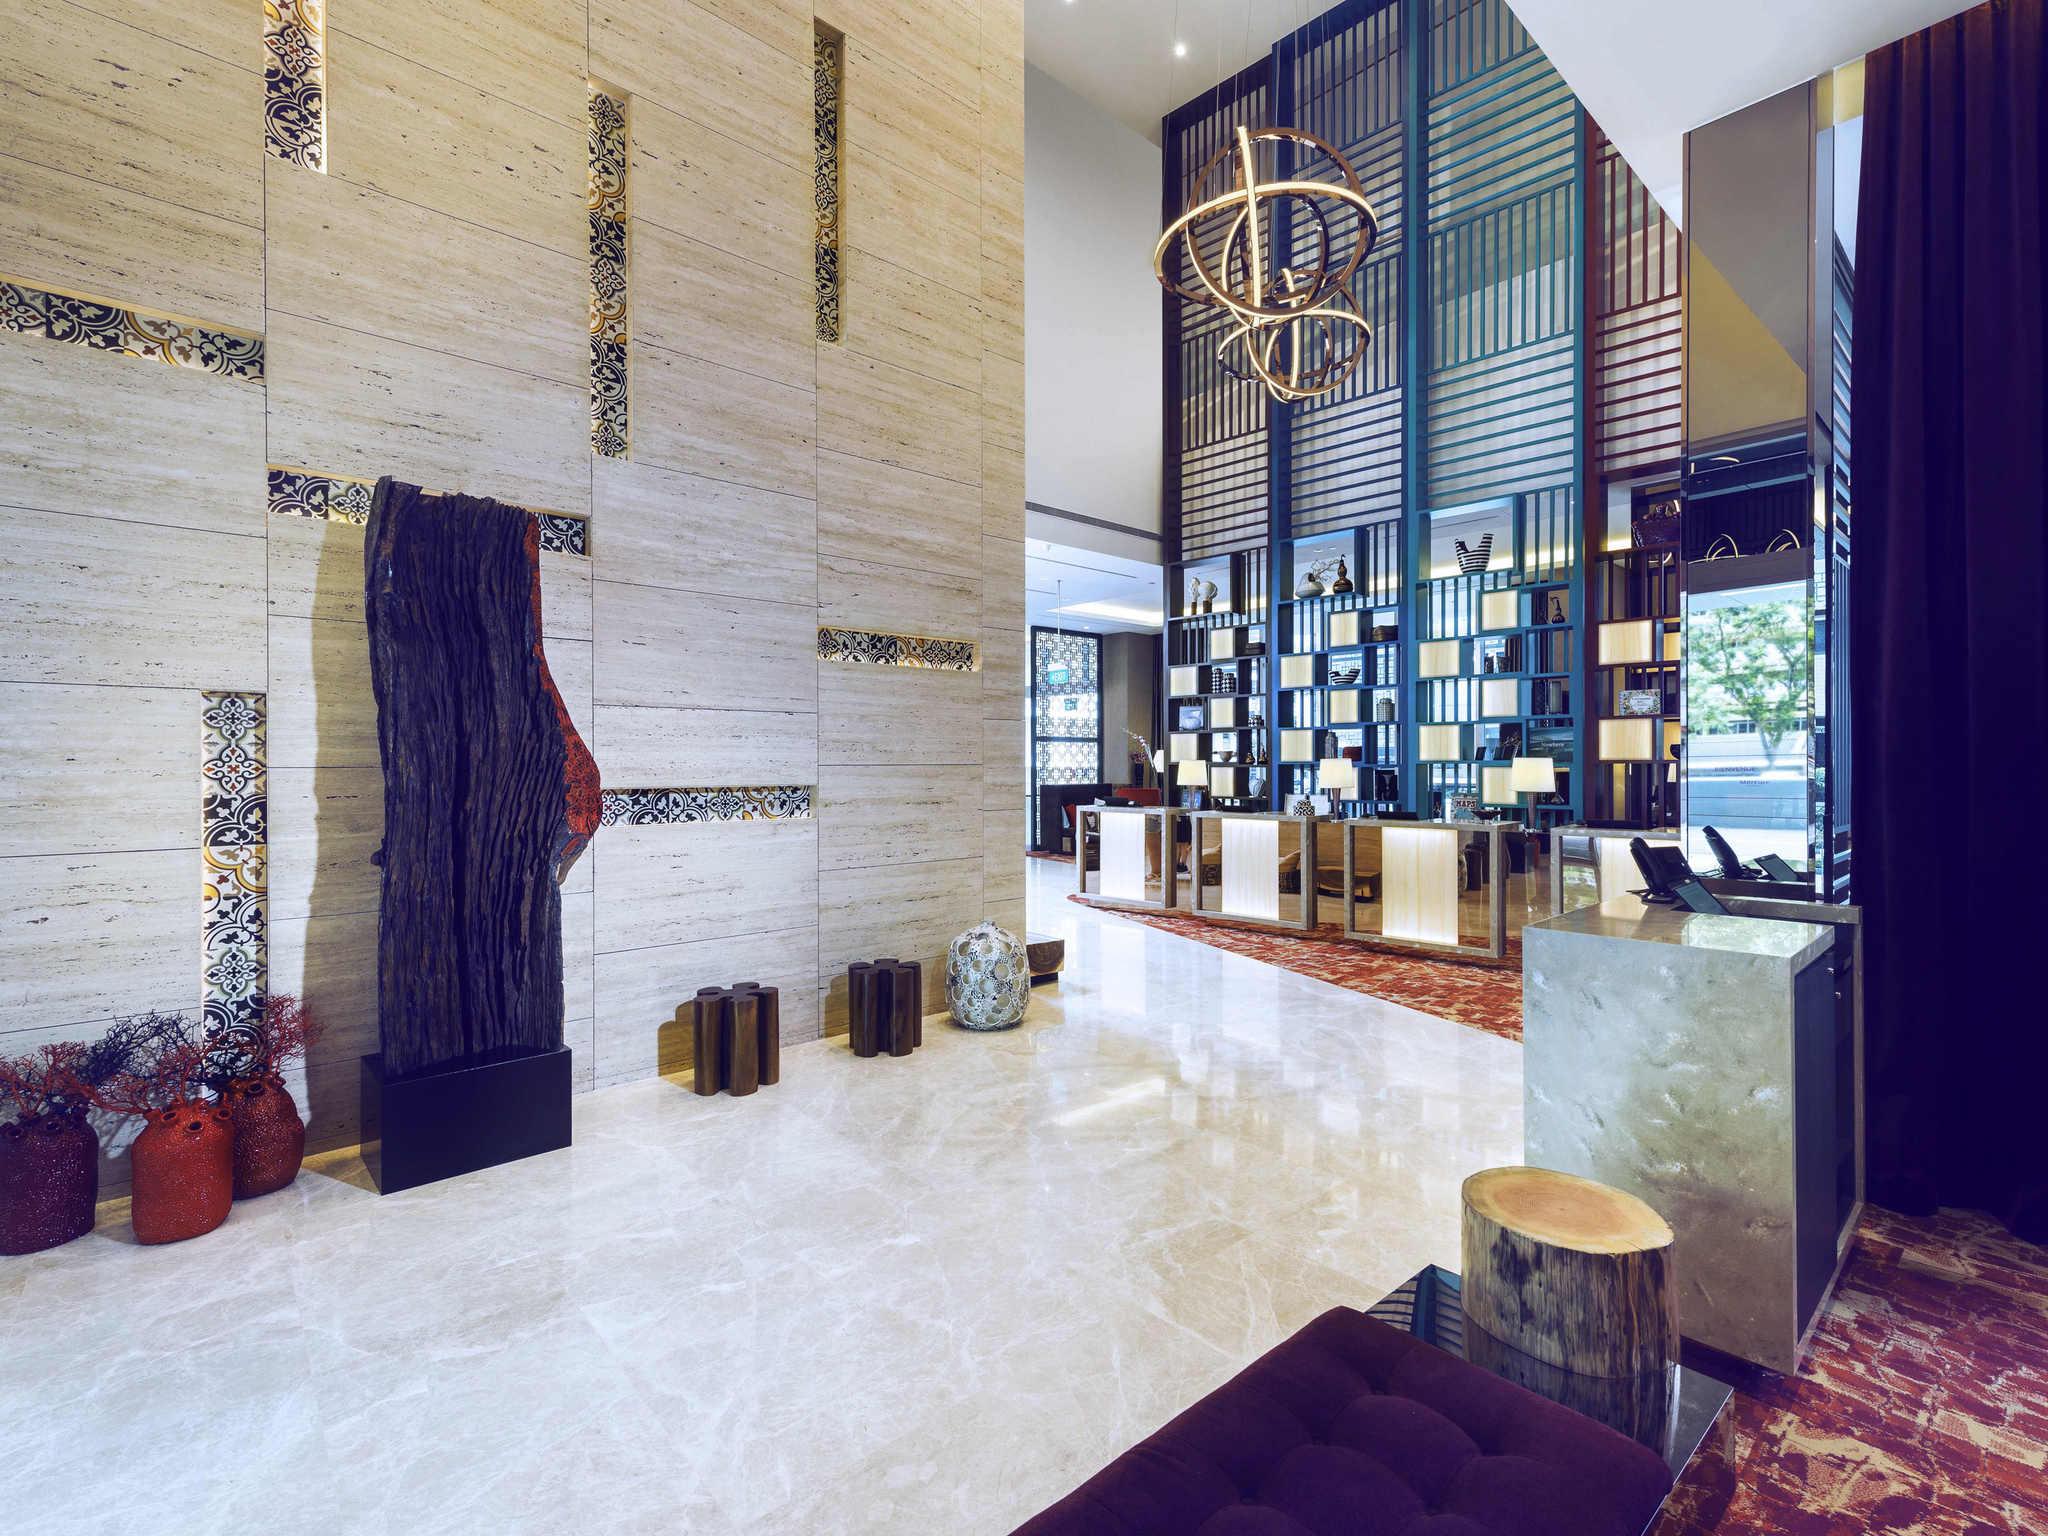 فندق - فندق مركيور Mercure سنغافورة بوجيس